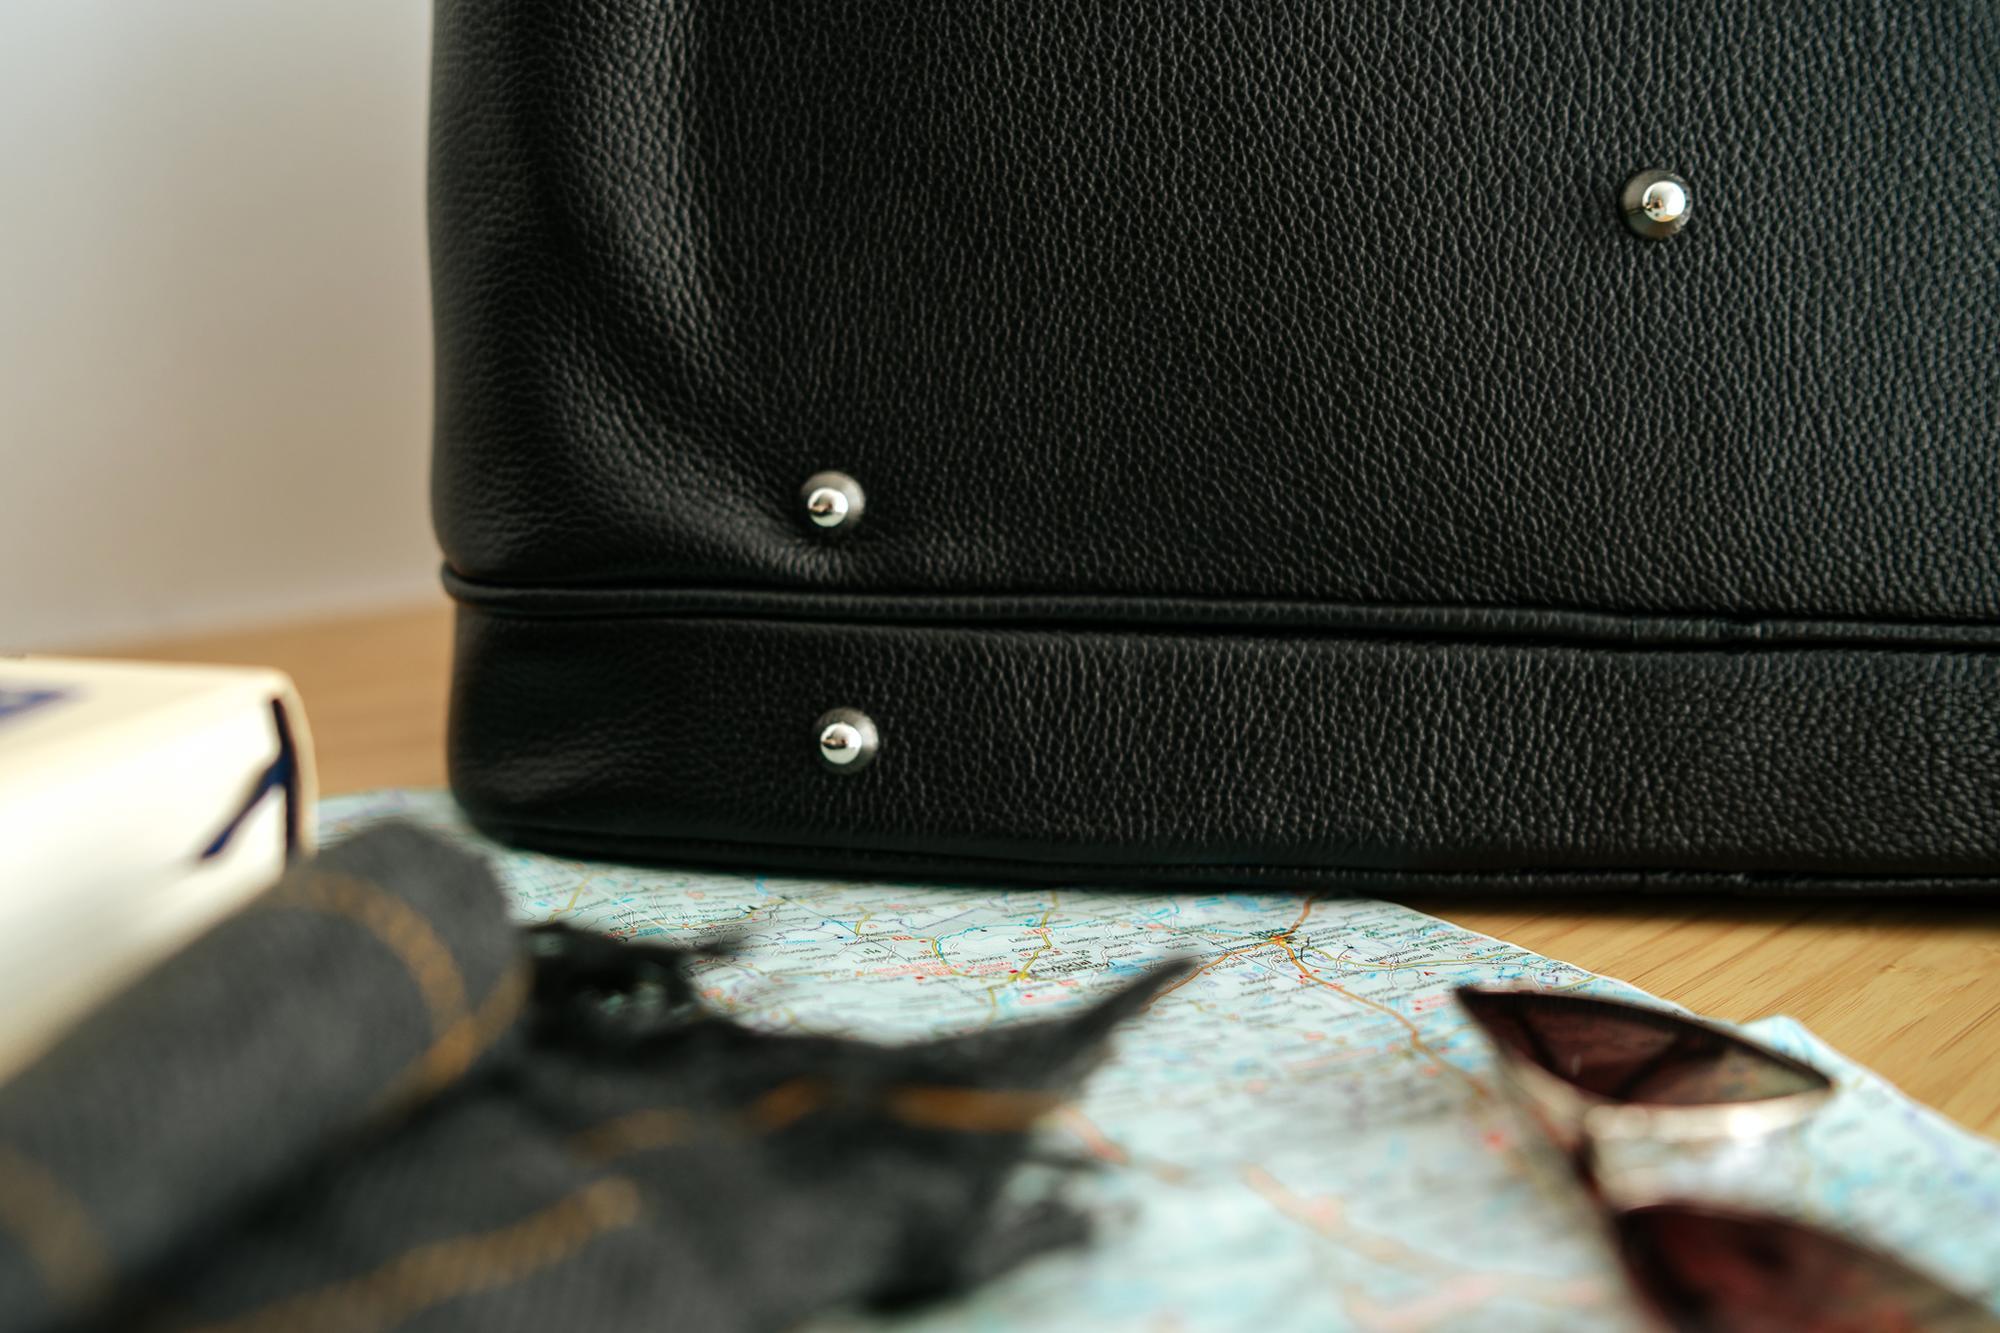 Starannie wyselekcjonowana, odporna na zarysowania, naturalna skóra groszkowa w wyjątkowym odcieniu głębokiej czerni srebrne dodatki jakości premium, podszewka w kolorze eleganckiej czerwieni i niezwykła precyzja wykonania sprawiają, że podróżna torba Nashe to rzemiosło z najwyższej półki! pojemna - elegancka wersja praktycznej torby podróżnej uszyta z naturalnej skóry groszkowej najwyższej jakości stworzona według autorskiego projektu wykonana w polskiej pracowni z miłością, pasją i w zgodnie ze sztuką kaletniczą wyposażona w długi, regulowany, odpinany pasek wykończona odpornymi na zarysowania srebrnymi okuciami wykończona chroniącymi przed zarysowaniami skóry od spodu srebrnymi nóżkami zapinana na metalowy zamek błyskawiczny wyłożona elegancką czerwoną podszewką z delikatnym satynowym połyskiem funkcjonalna - 9 kieszeni: główna + 2 boczne zamykane na zamek + 3 płaskie na dokumenty + 1 wypukła na smartfon + 2 wewnętrzne zapinane na zamek zapakowana w wytrzymałe szykowne pudełko do pr